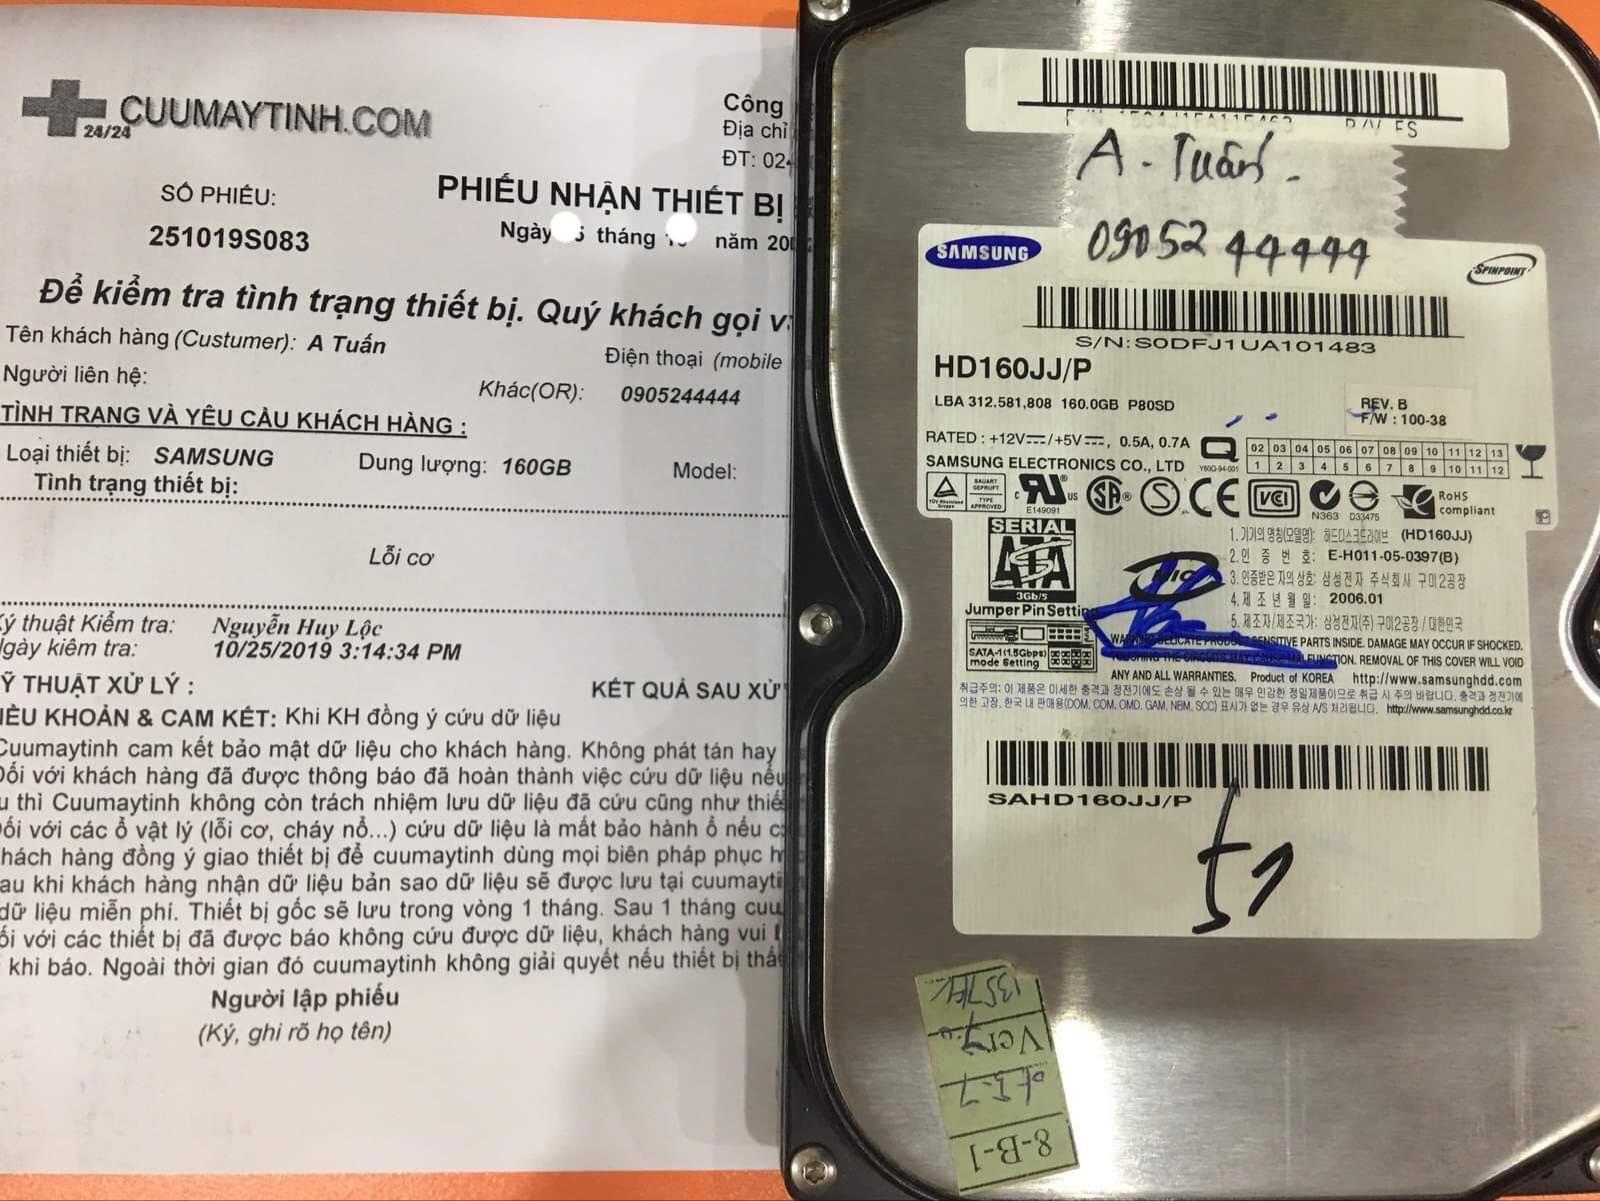 Khôi phục dữ liệu ổ cứng Samsung 160GB lỗi cơ 05/11/2019 - cuumaytinh